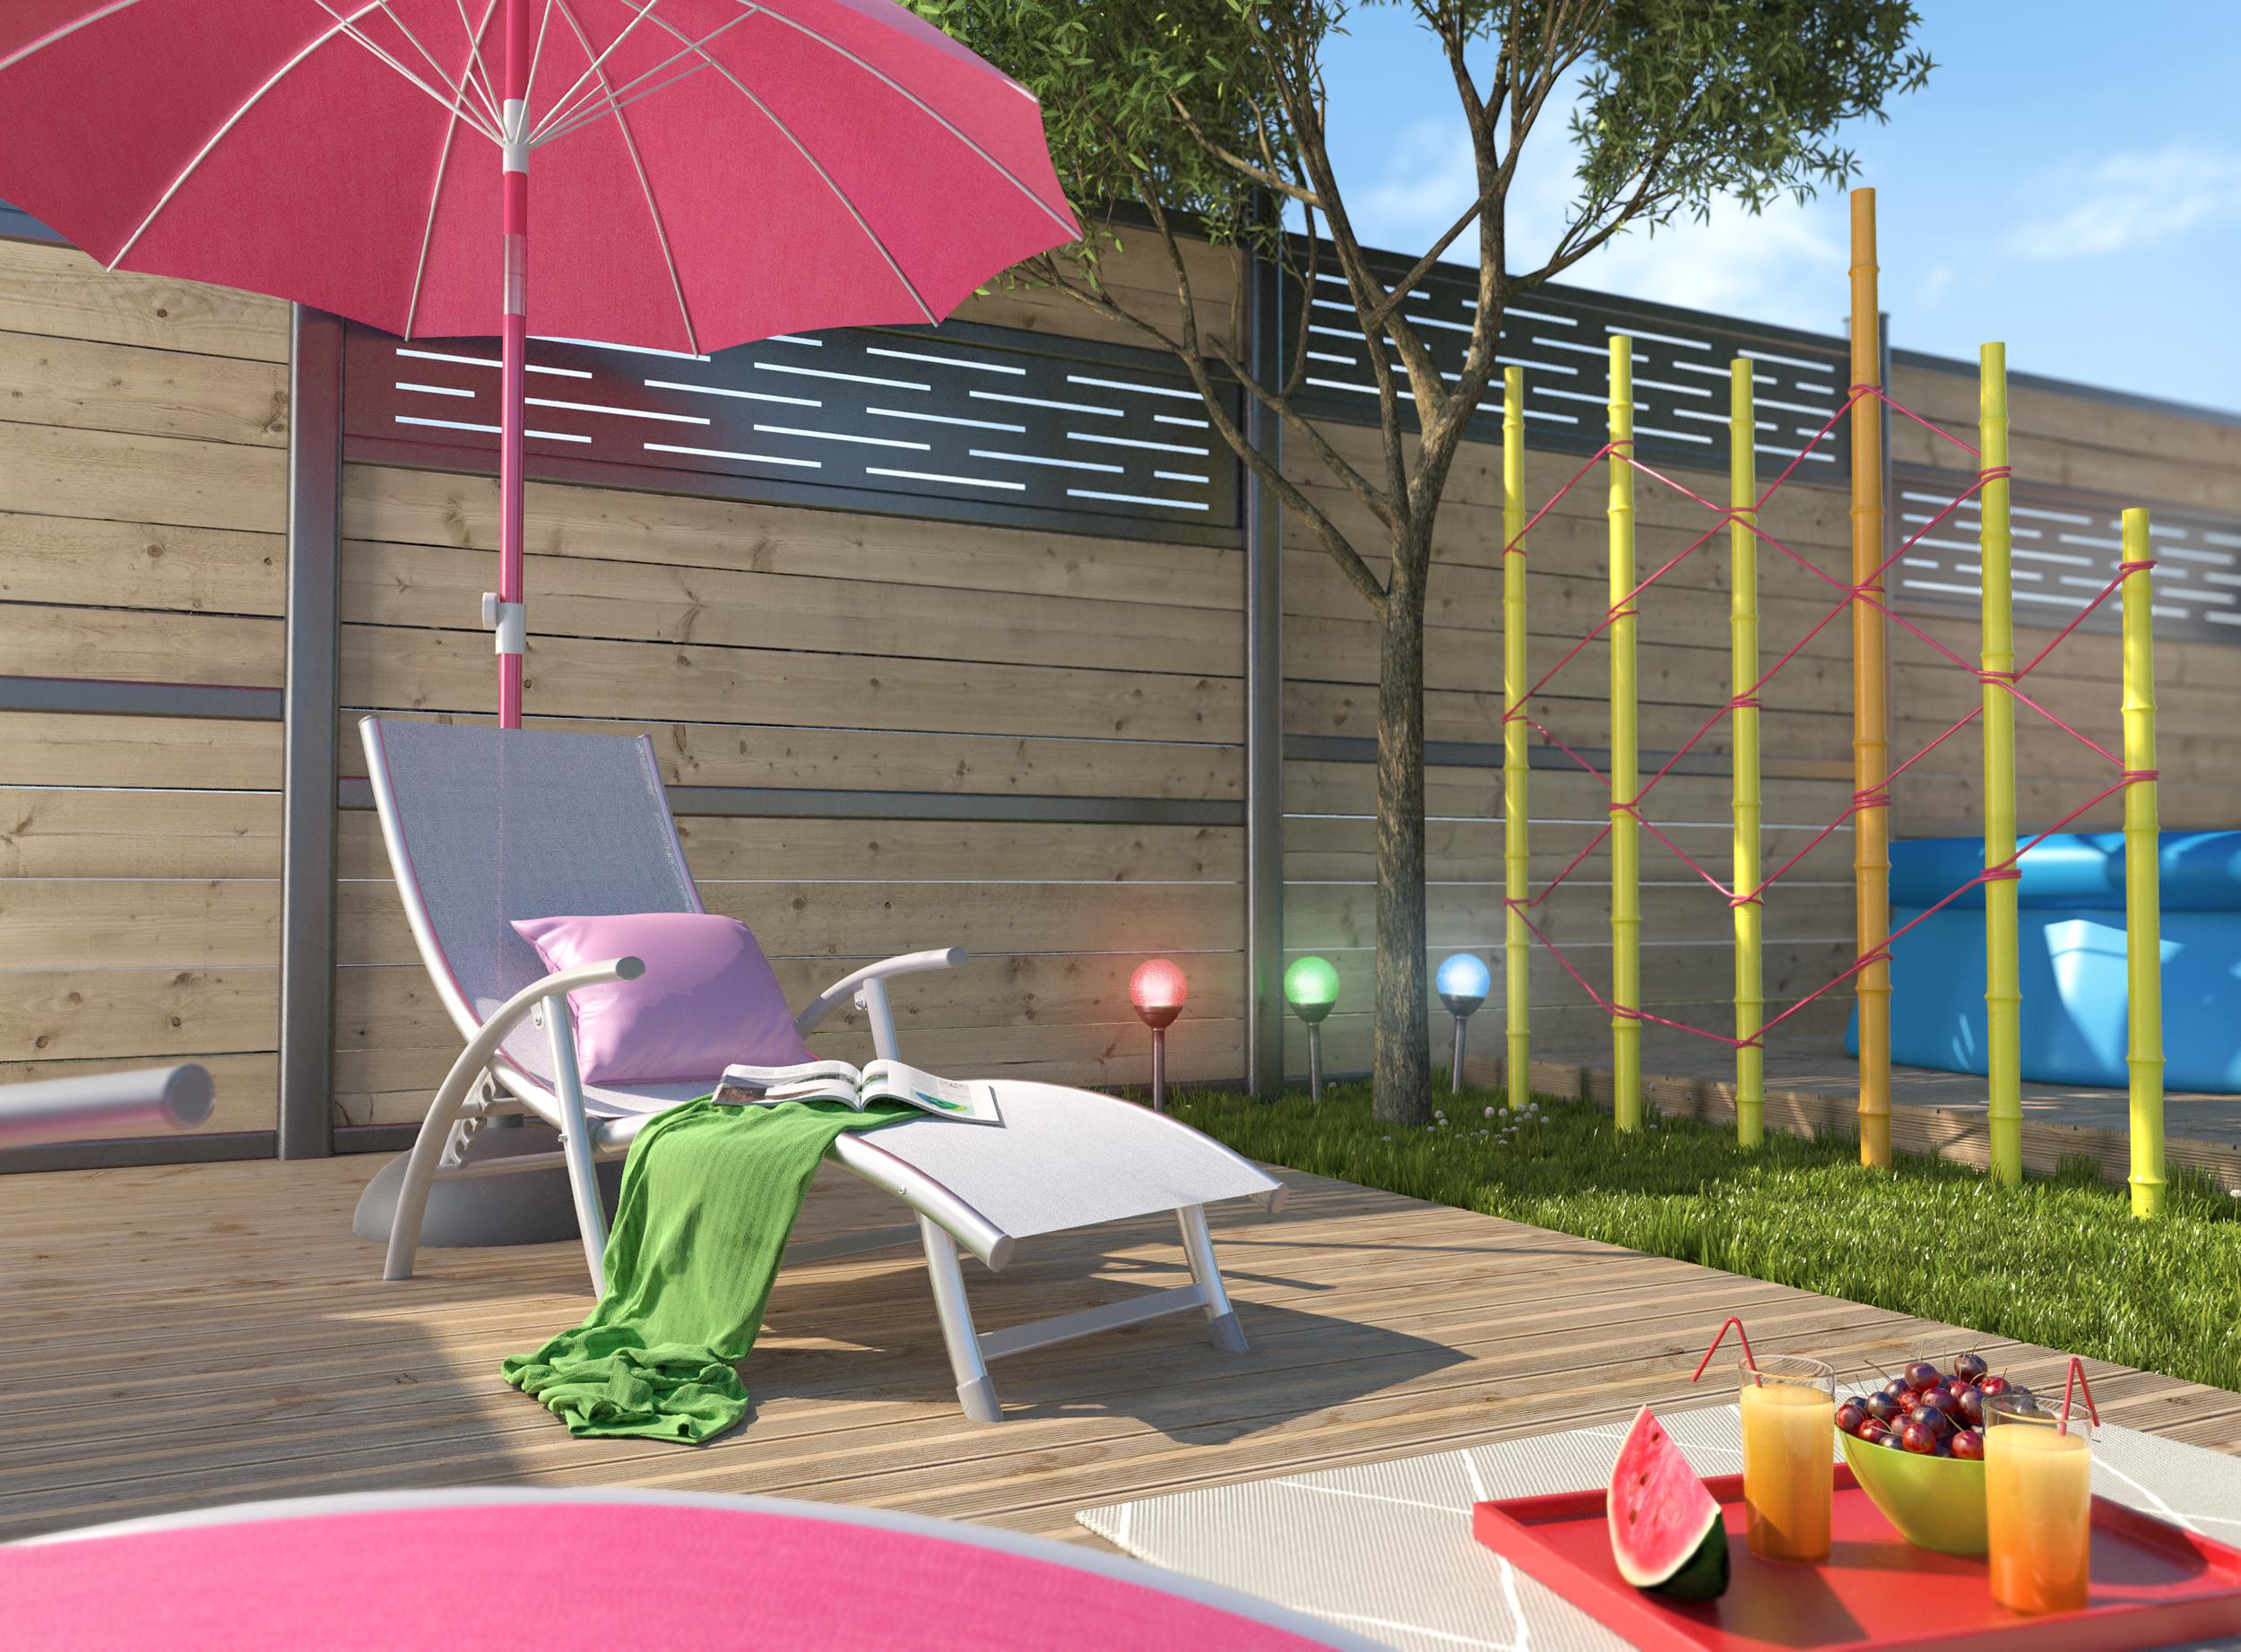 Dripmoon-archvis-graphiste3D-architecture-images-3D-Emag21 (1)